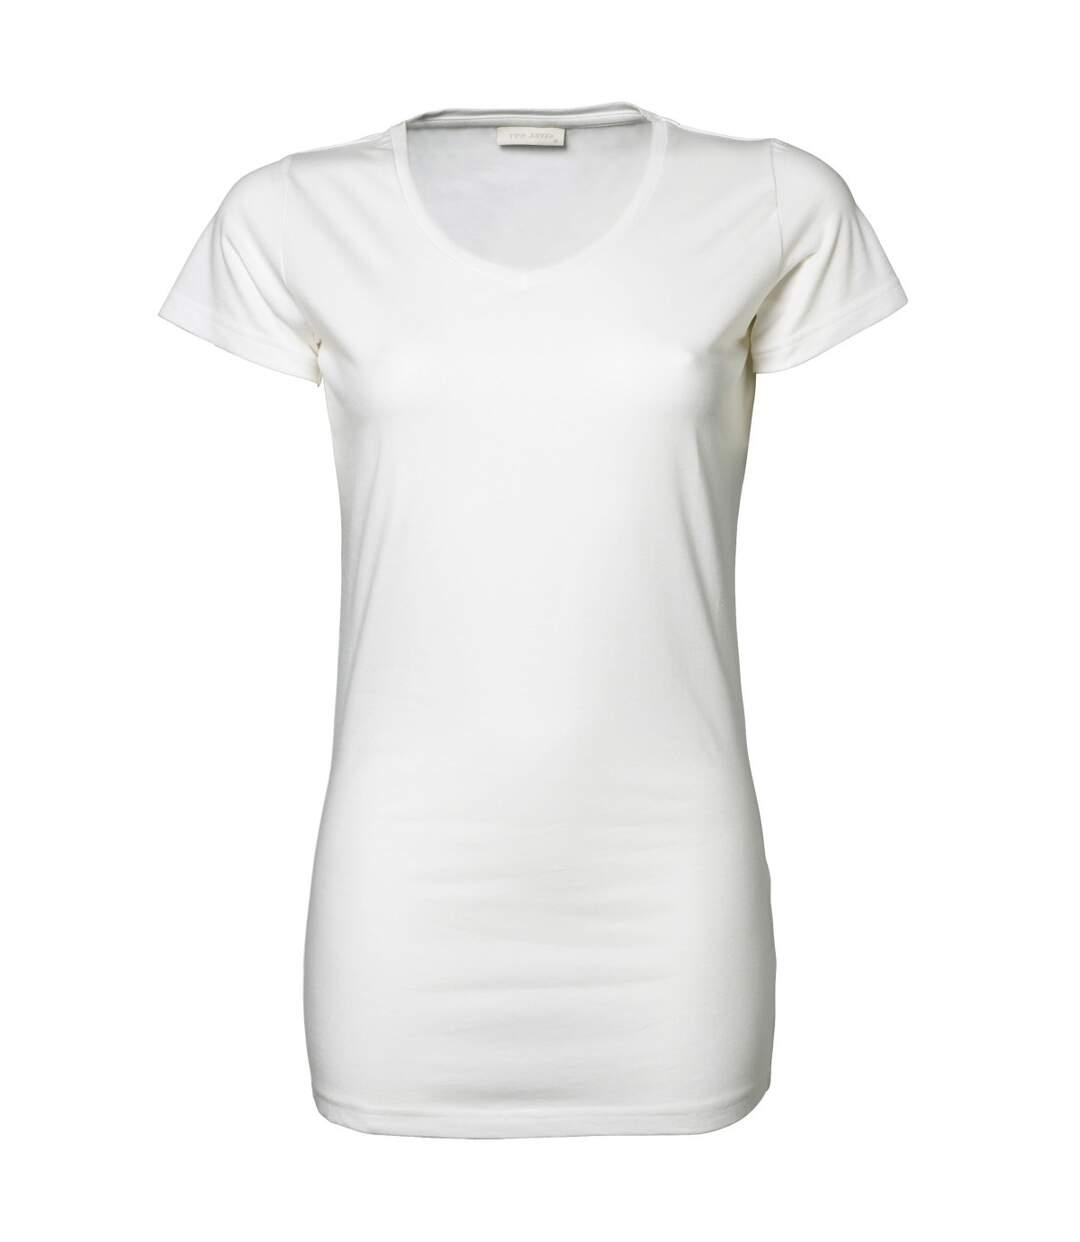 Tee Jays - T-Shirt Long À Col En V - Femme (Blanc) - UTBC3310